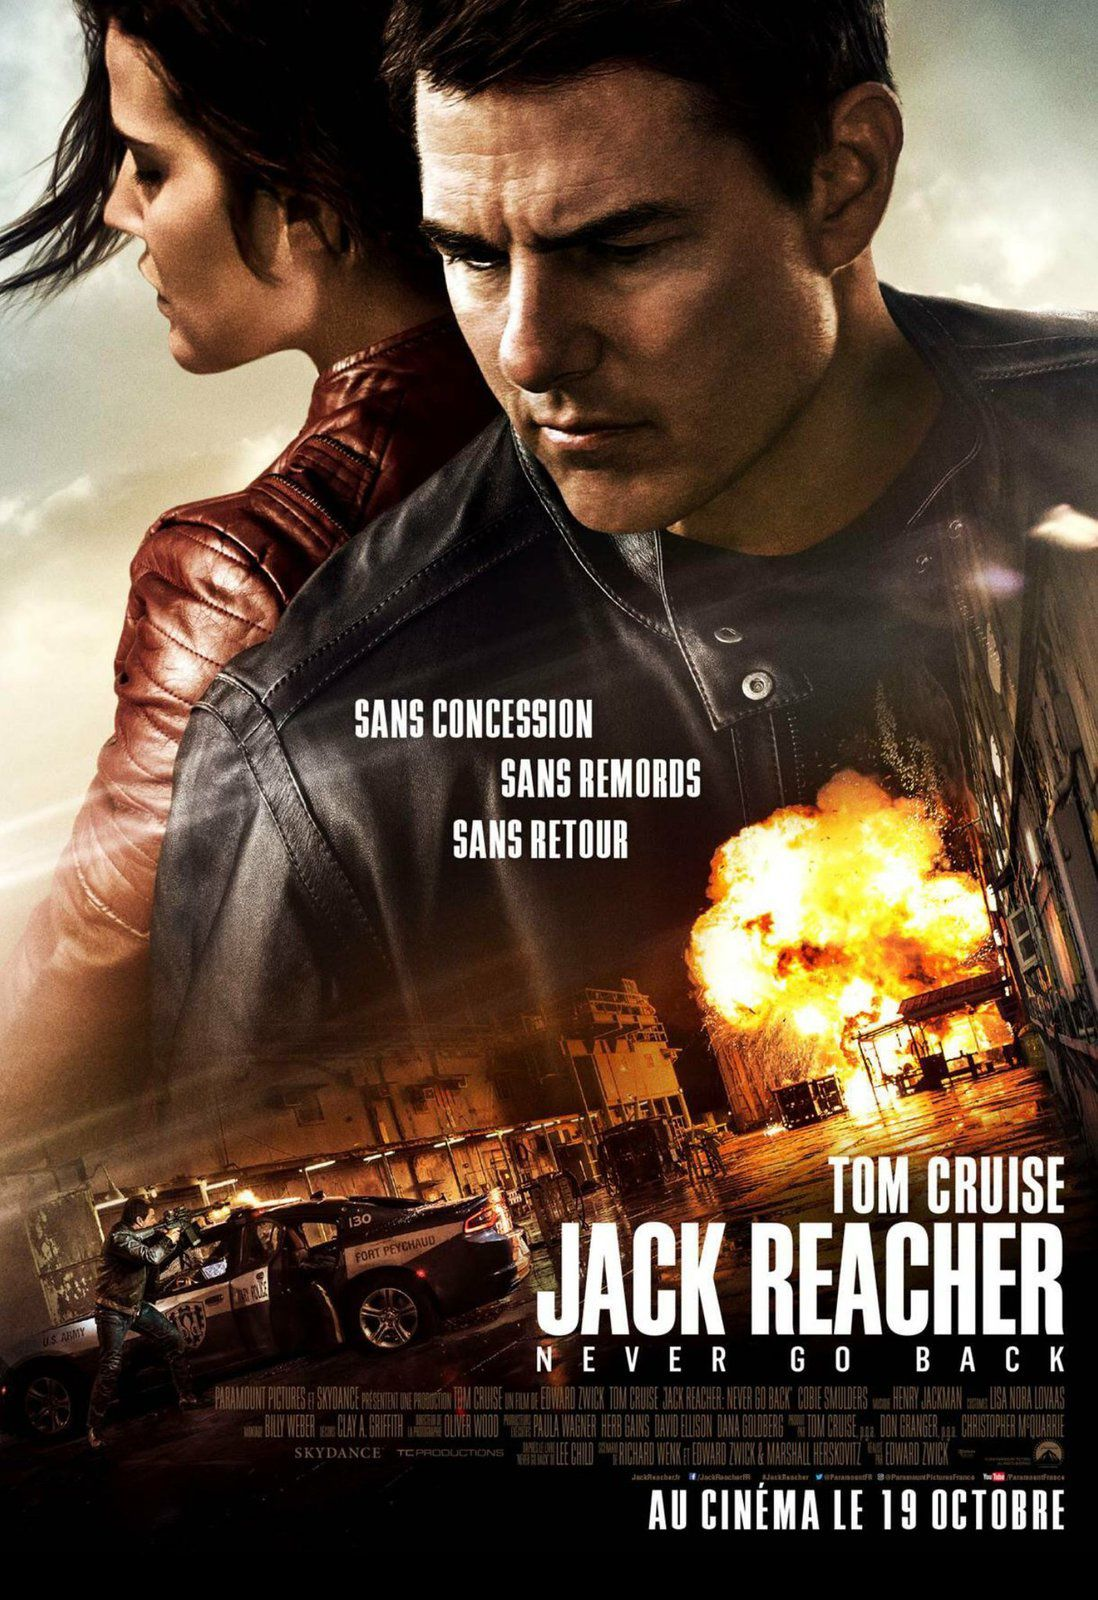 Jack Reacher Never Go Back__Officiel FR.